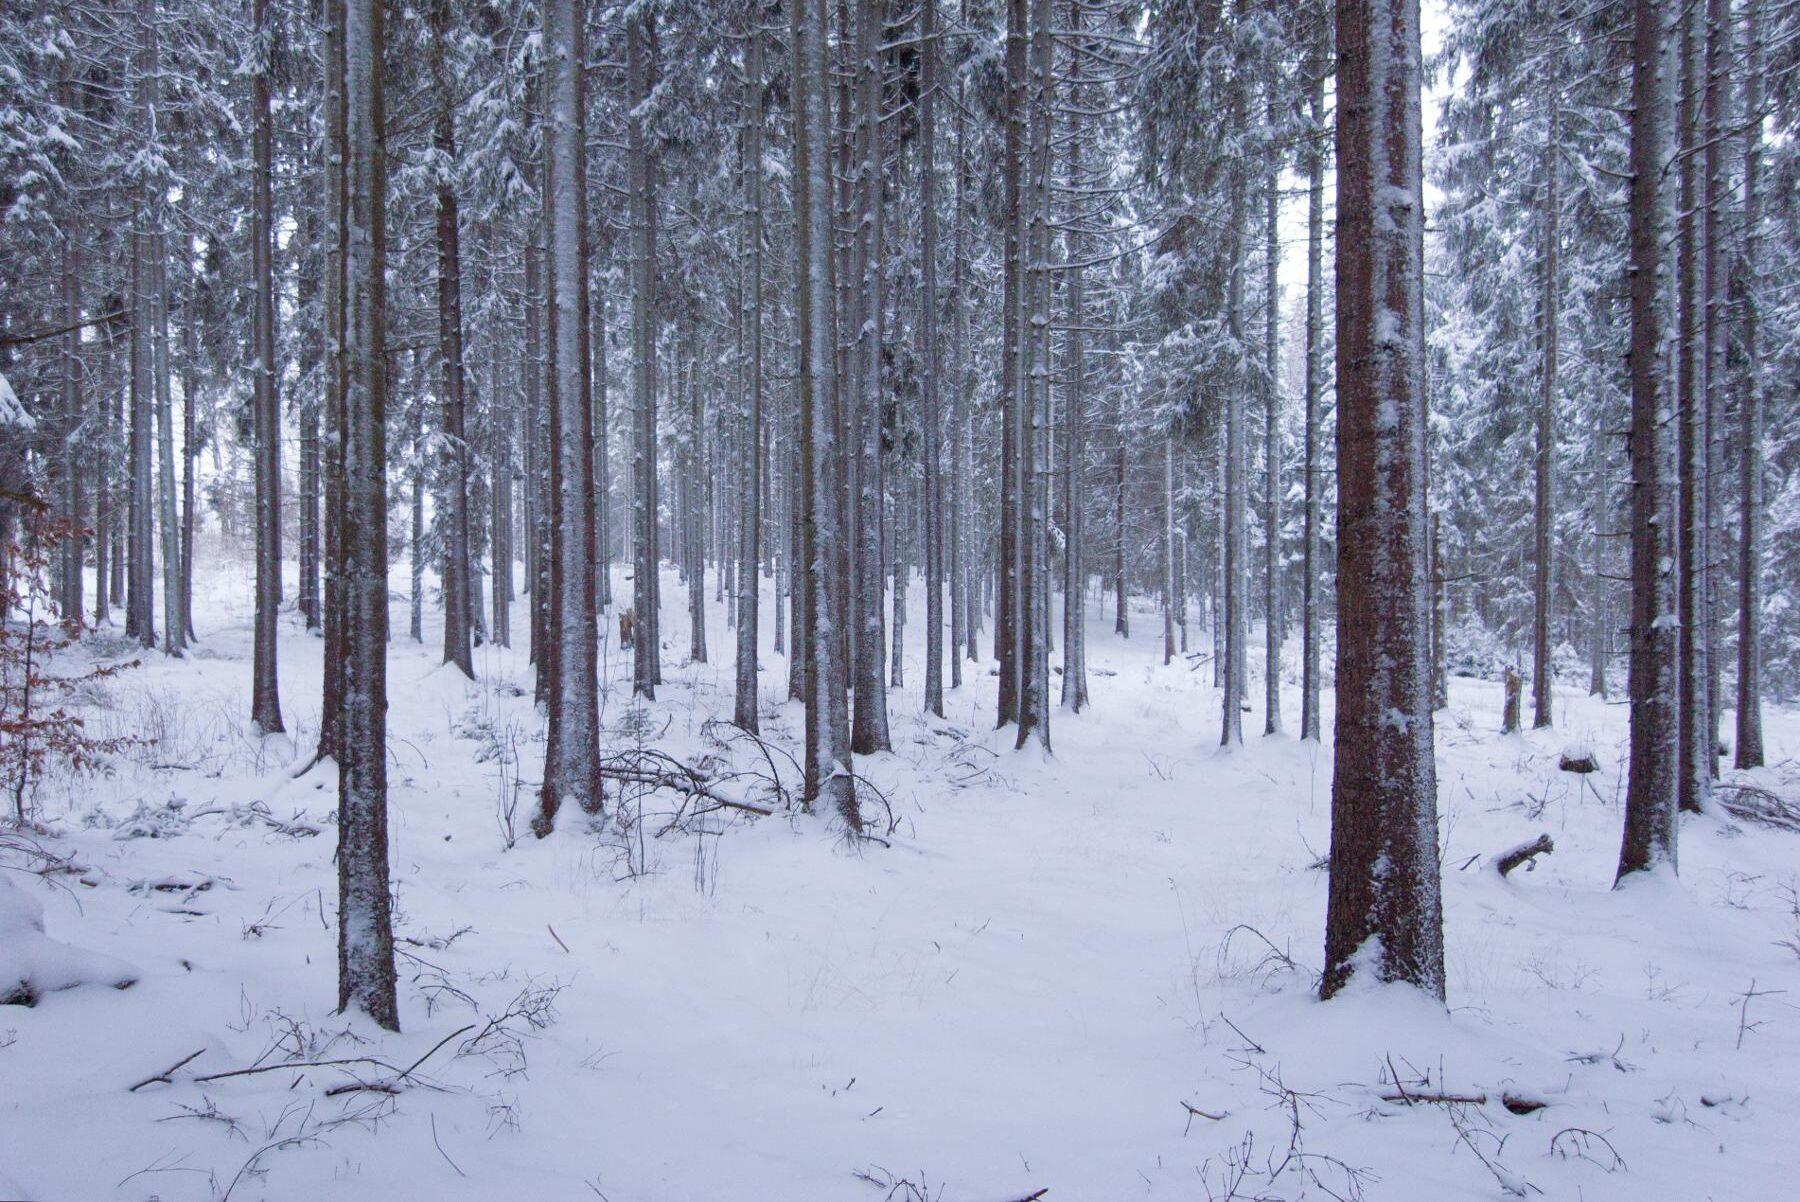 Skogspriserna i Sverige har stigit kraftigt under 2020, visar färsk statistik.